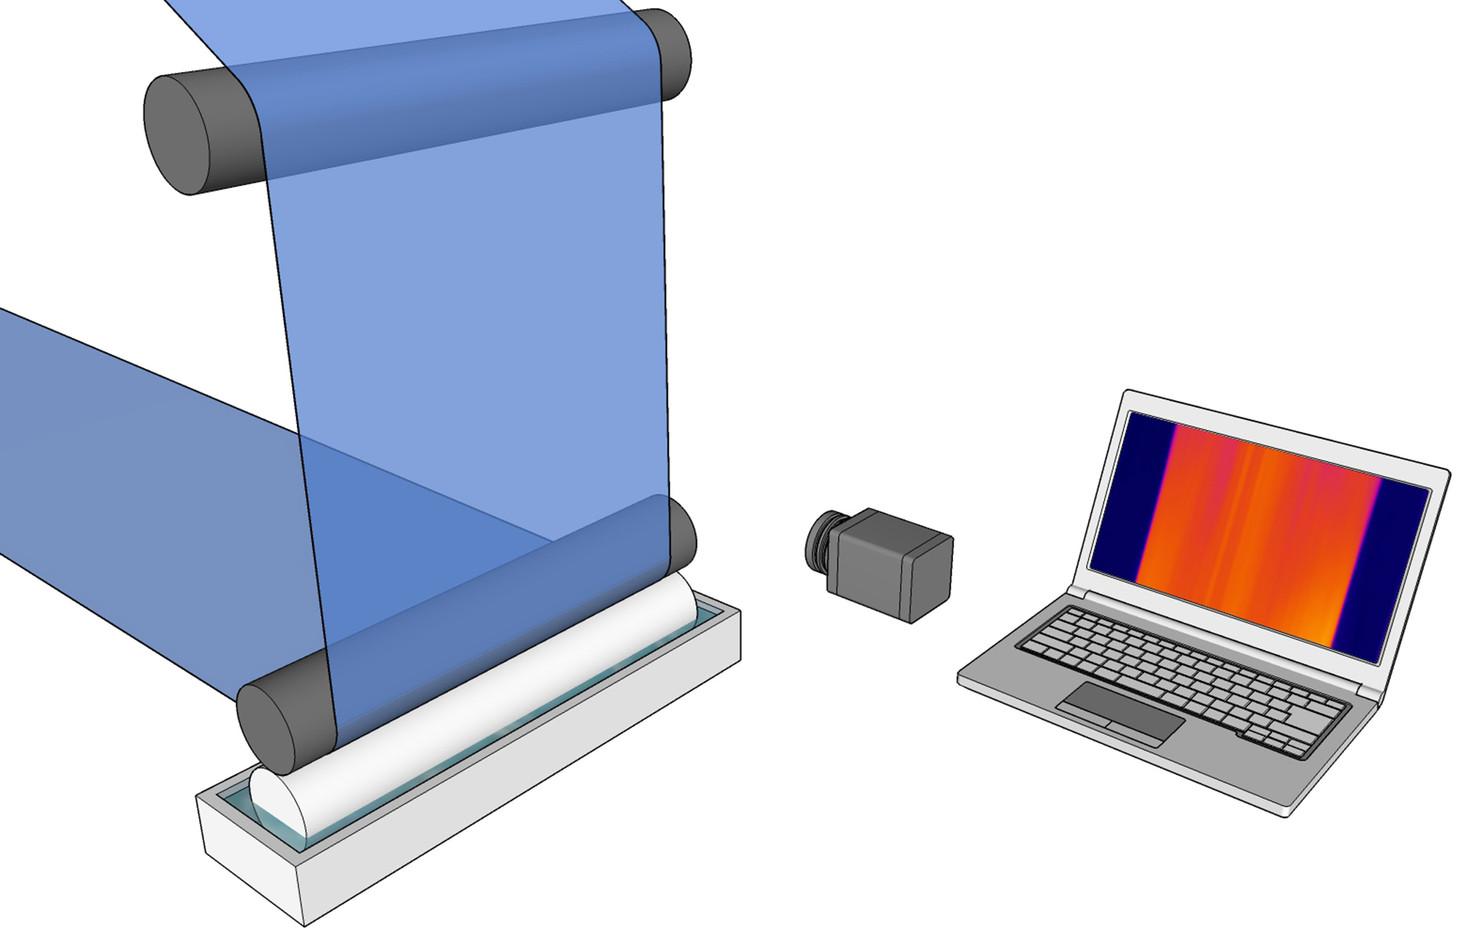 フィルムのラミネート工程温度のデータ分析